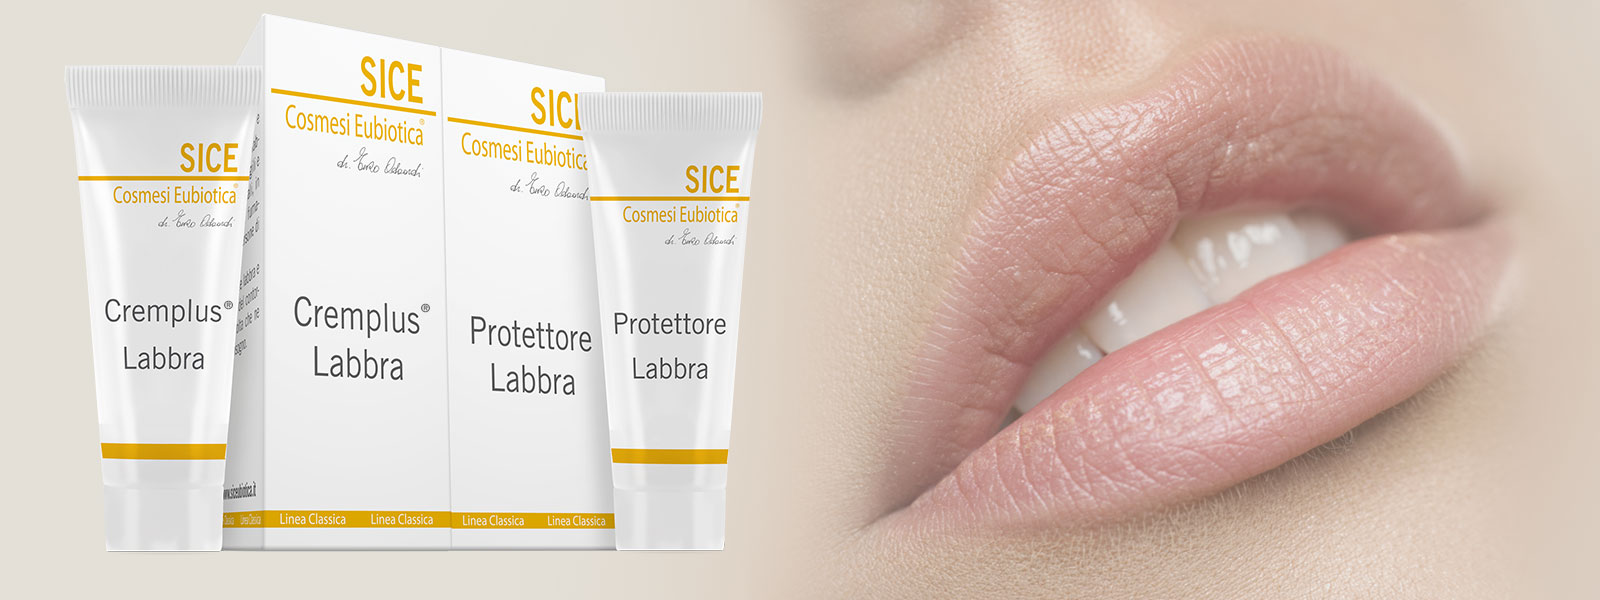 Linea Labbra Sice Eubiotica